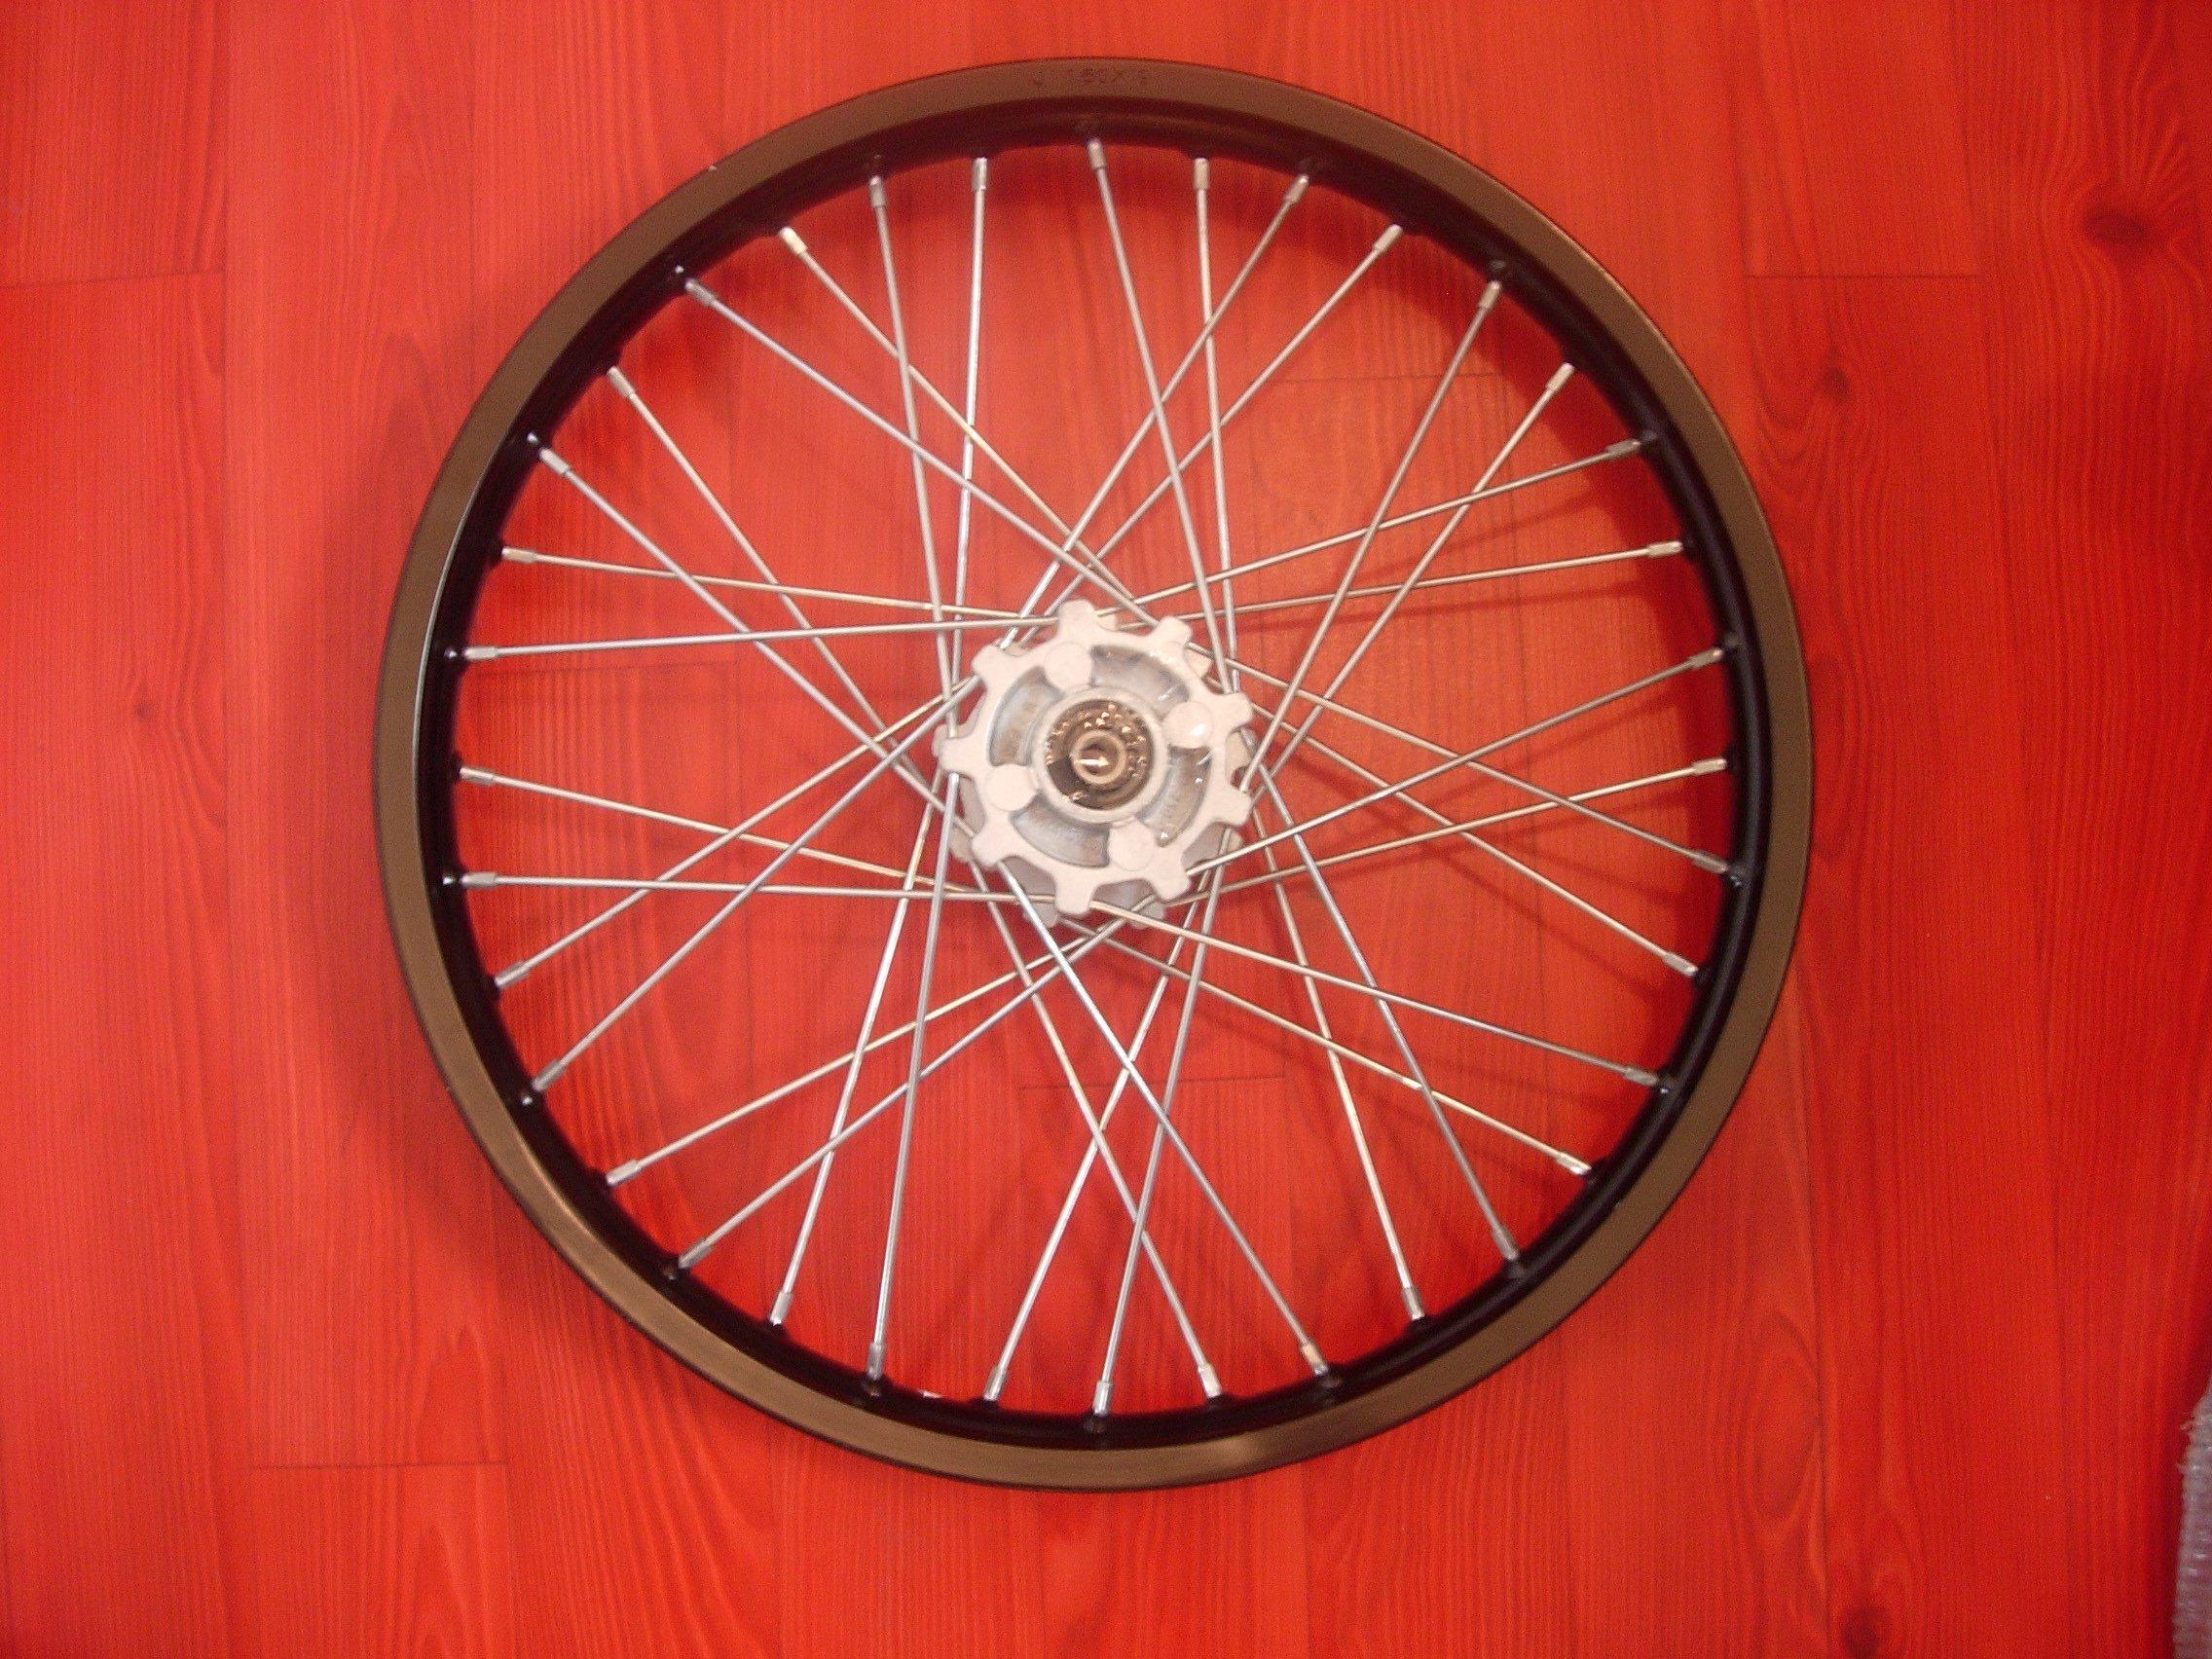 jante avant 17 pouces axe 12 dirt bike agb29. Black Bedroom Furniture Sets. Home Design Ideas